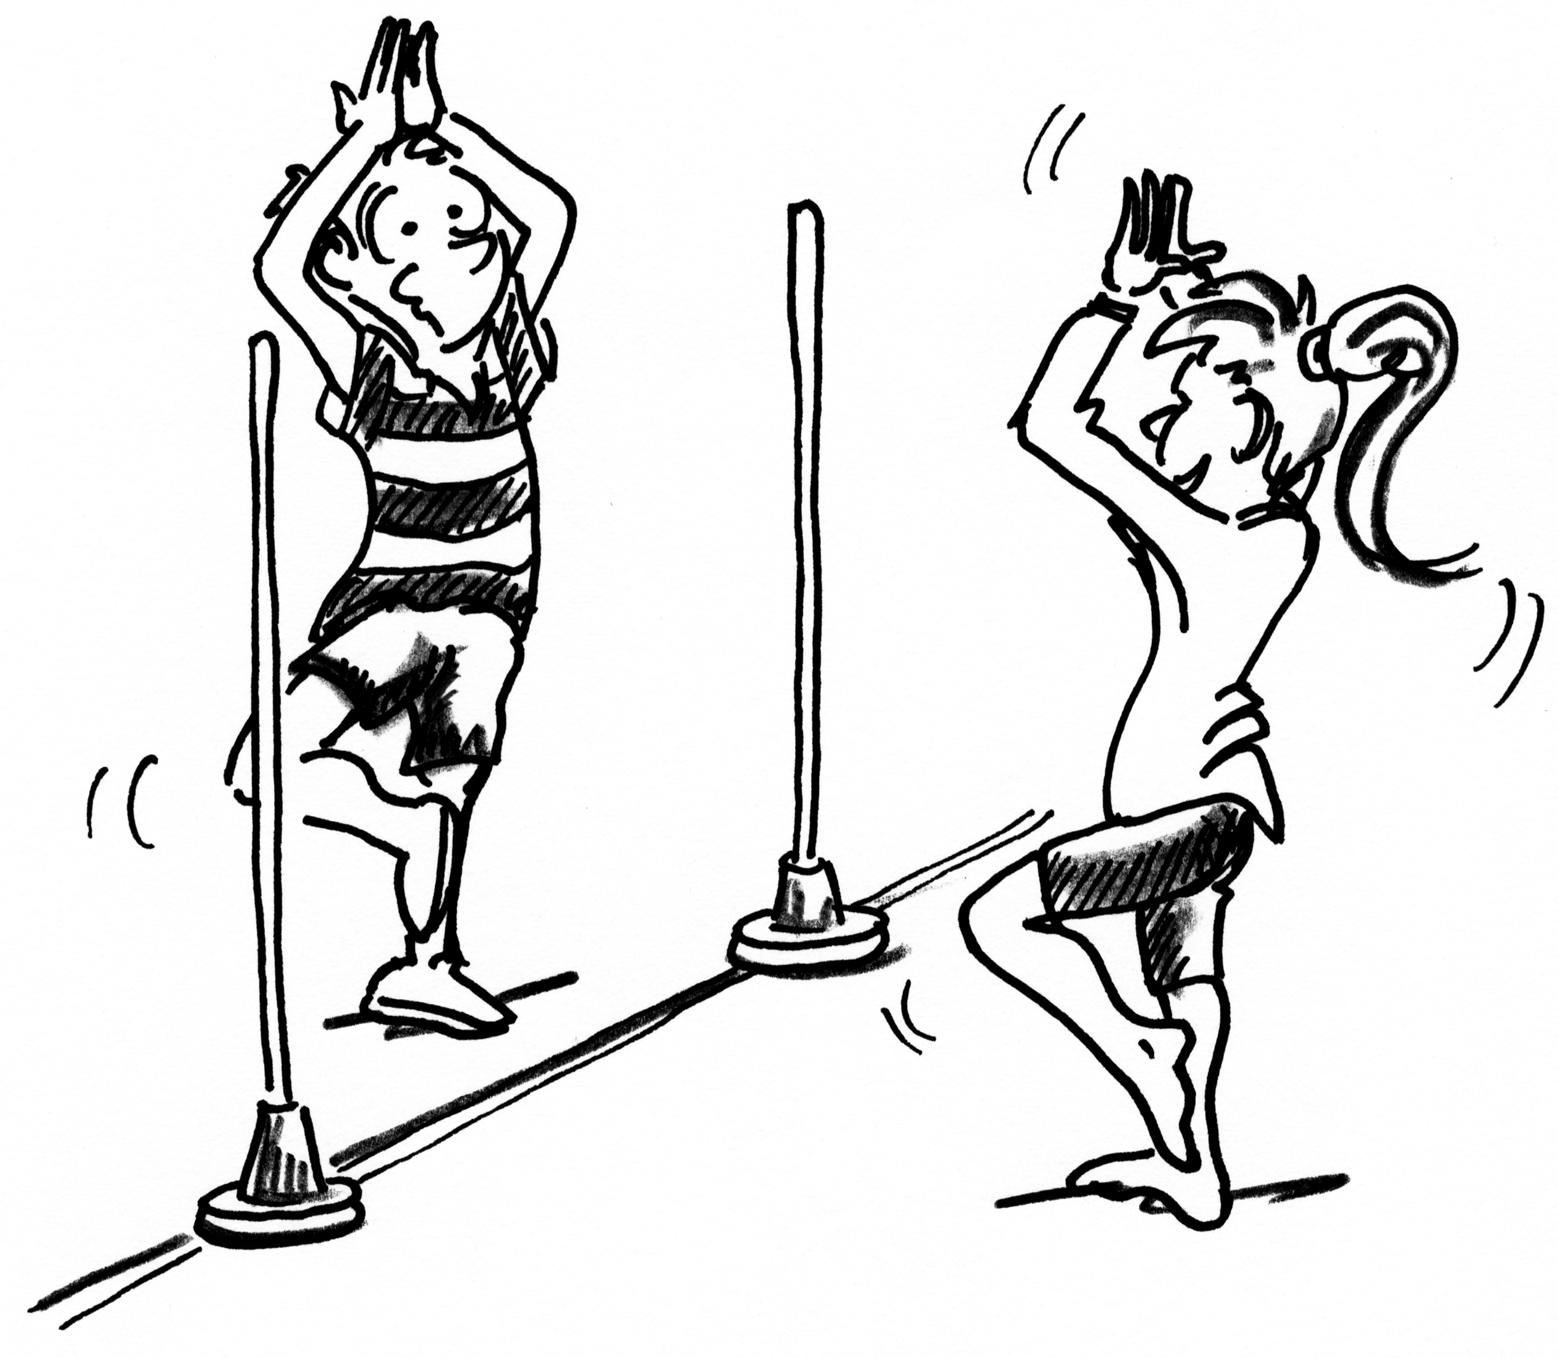 Sport Et Inclusion Interpreter Et Danser Jeux De Miroir Mobilesport Ch